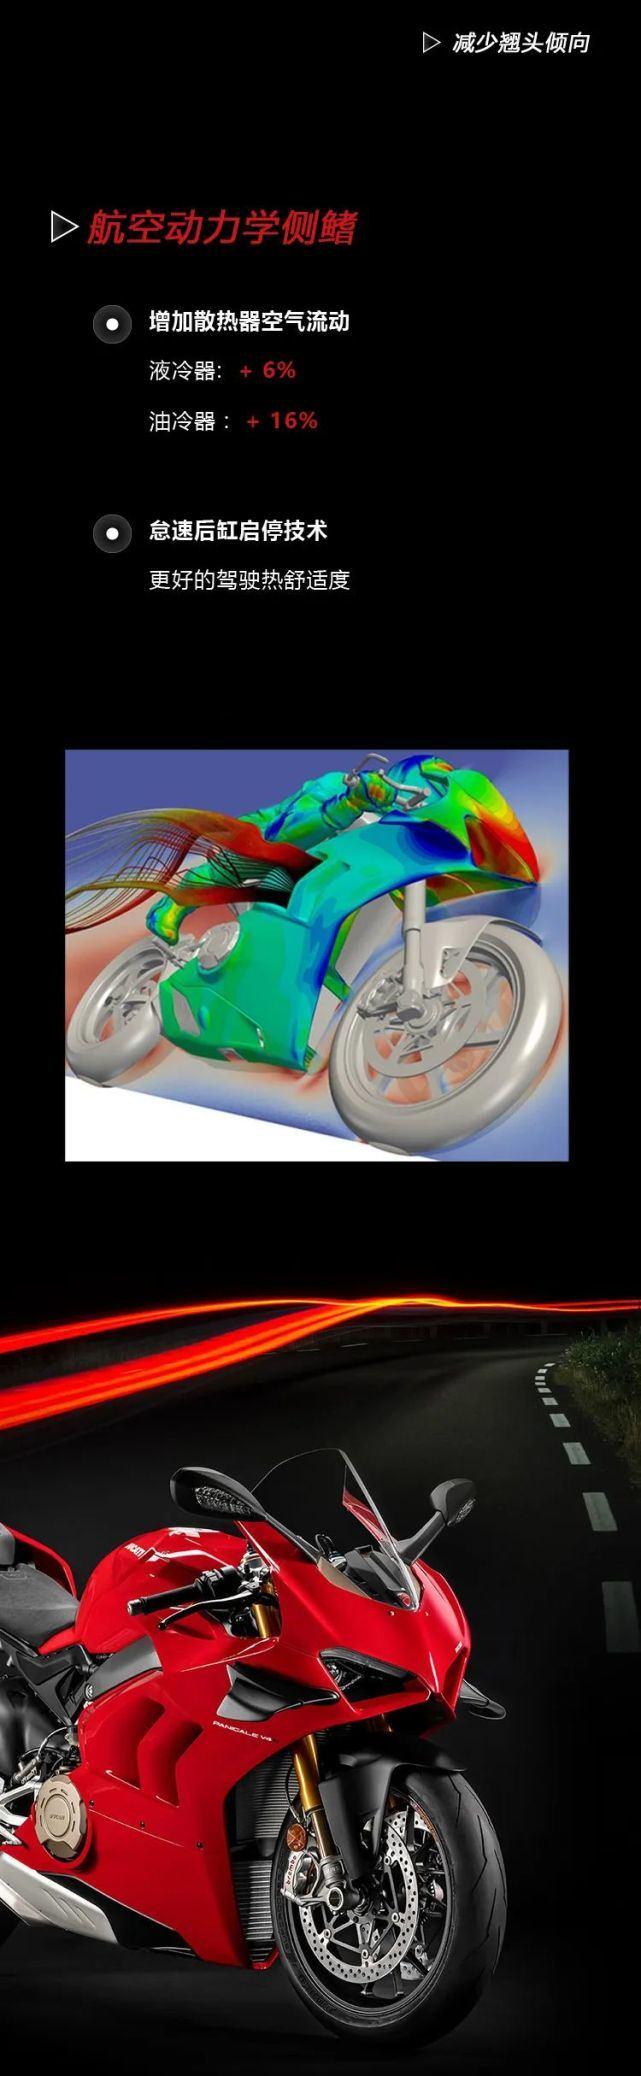 23.8万元起!全新杜卡迪Panigale V4国内发布!-第15张图片-春风行摩托车之家